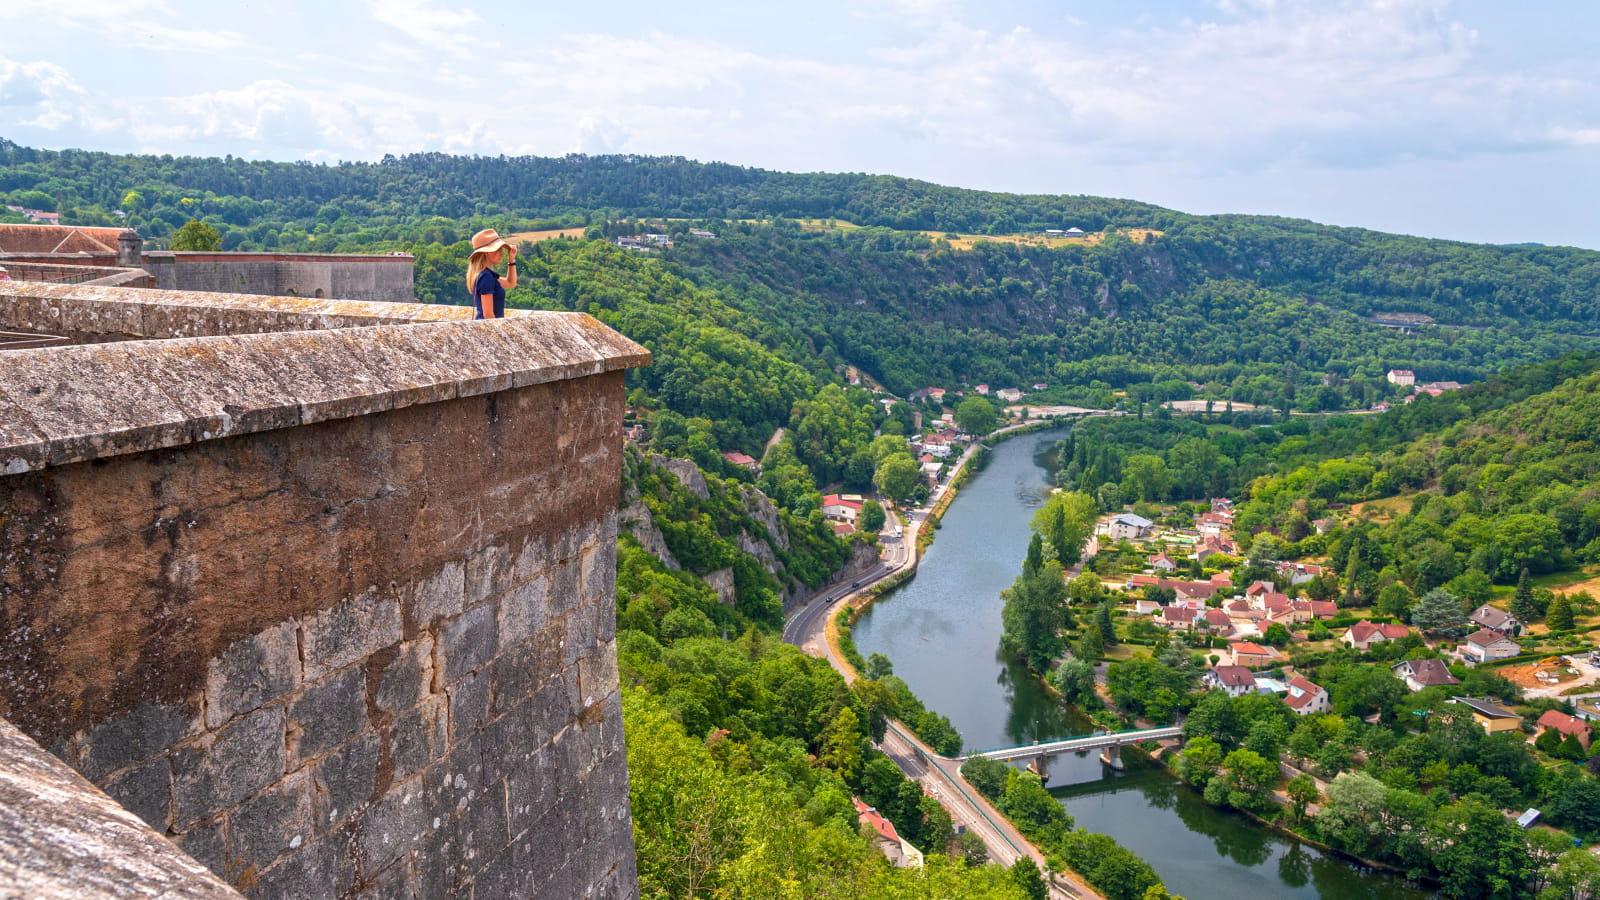 Vue sur le Doubs depuis la citadelle de Besançon